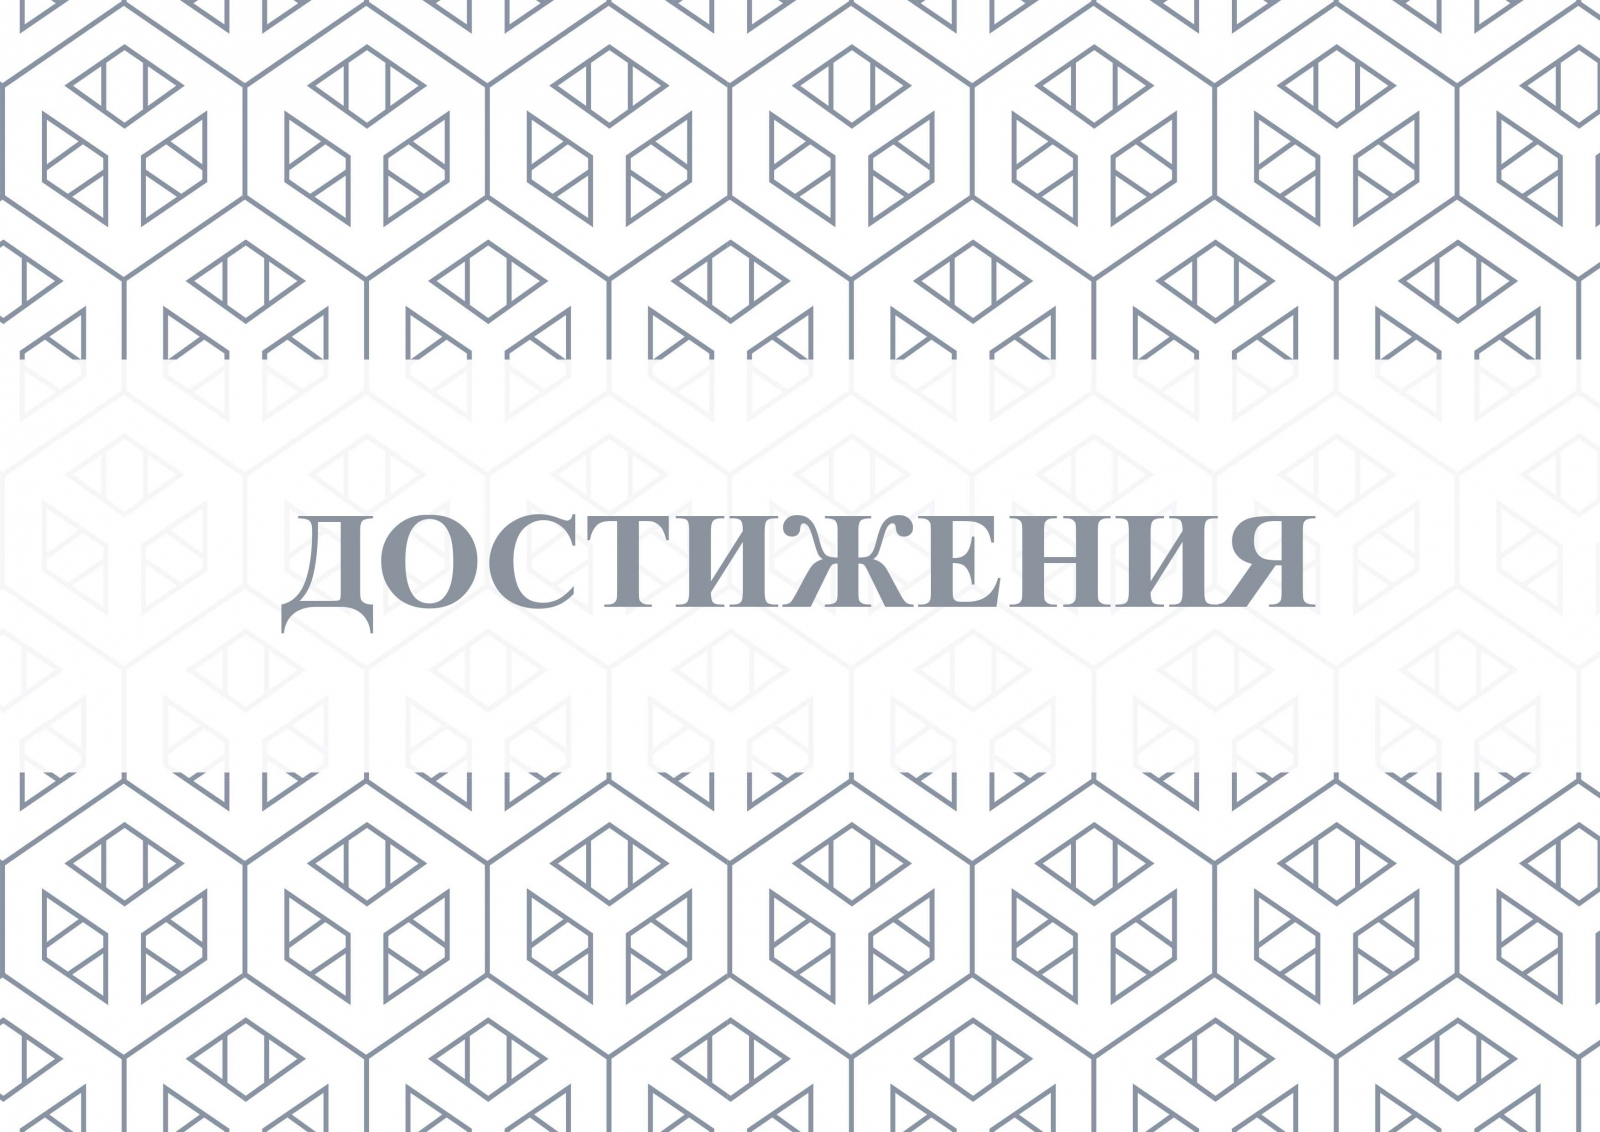 Команда СПбПУ заняла III место в городской олимпиаде по начертательной геометрии